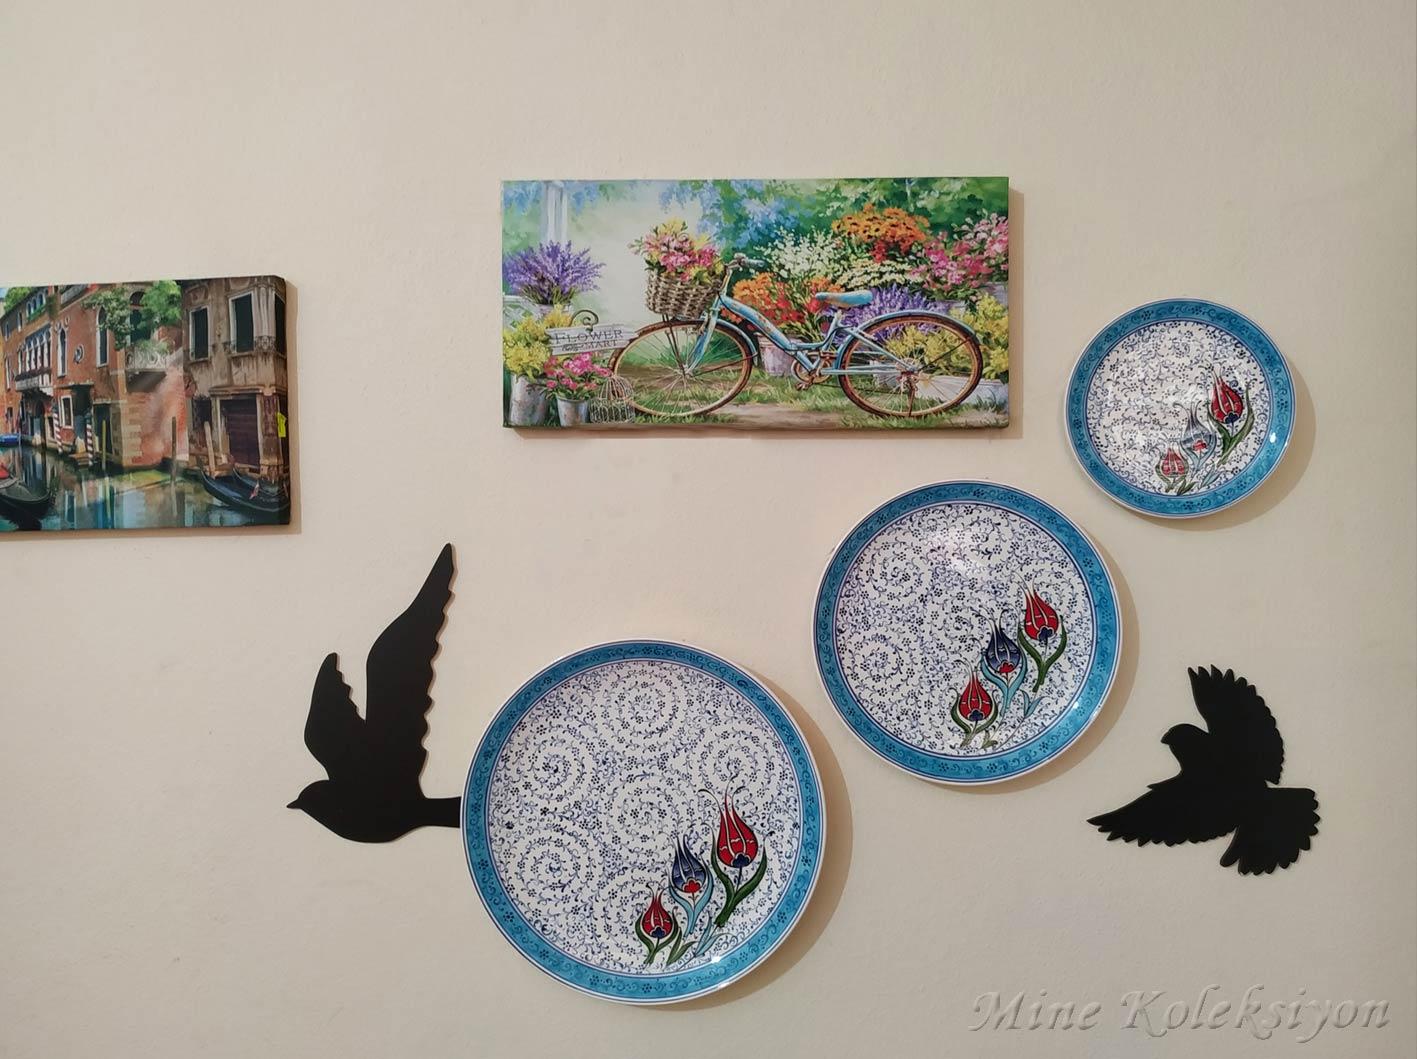 Osmanlı Klasik Haliç ve laleli 3 Lü Kombin Set El Yapımı Duvar Dekoru Süsü Klasik İznik Tarzı Çini Tabaklar  Ottoman Turkish Handmade  Ceramic Plates